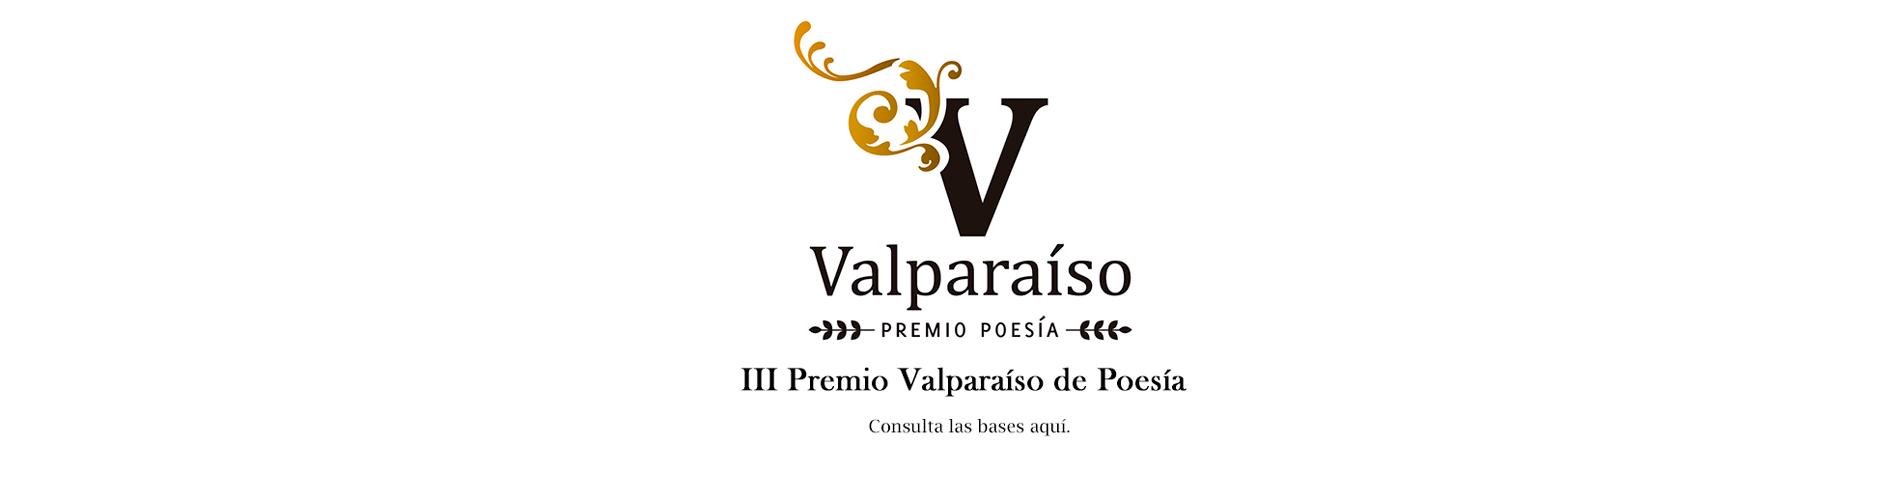 III Premio Valparaíso de Poesía